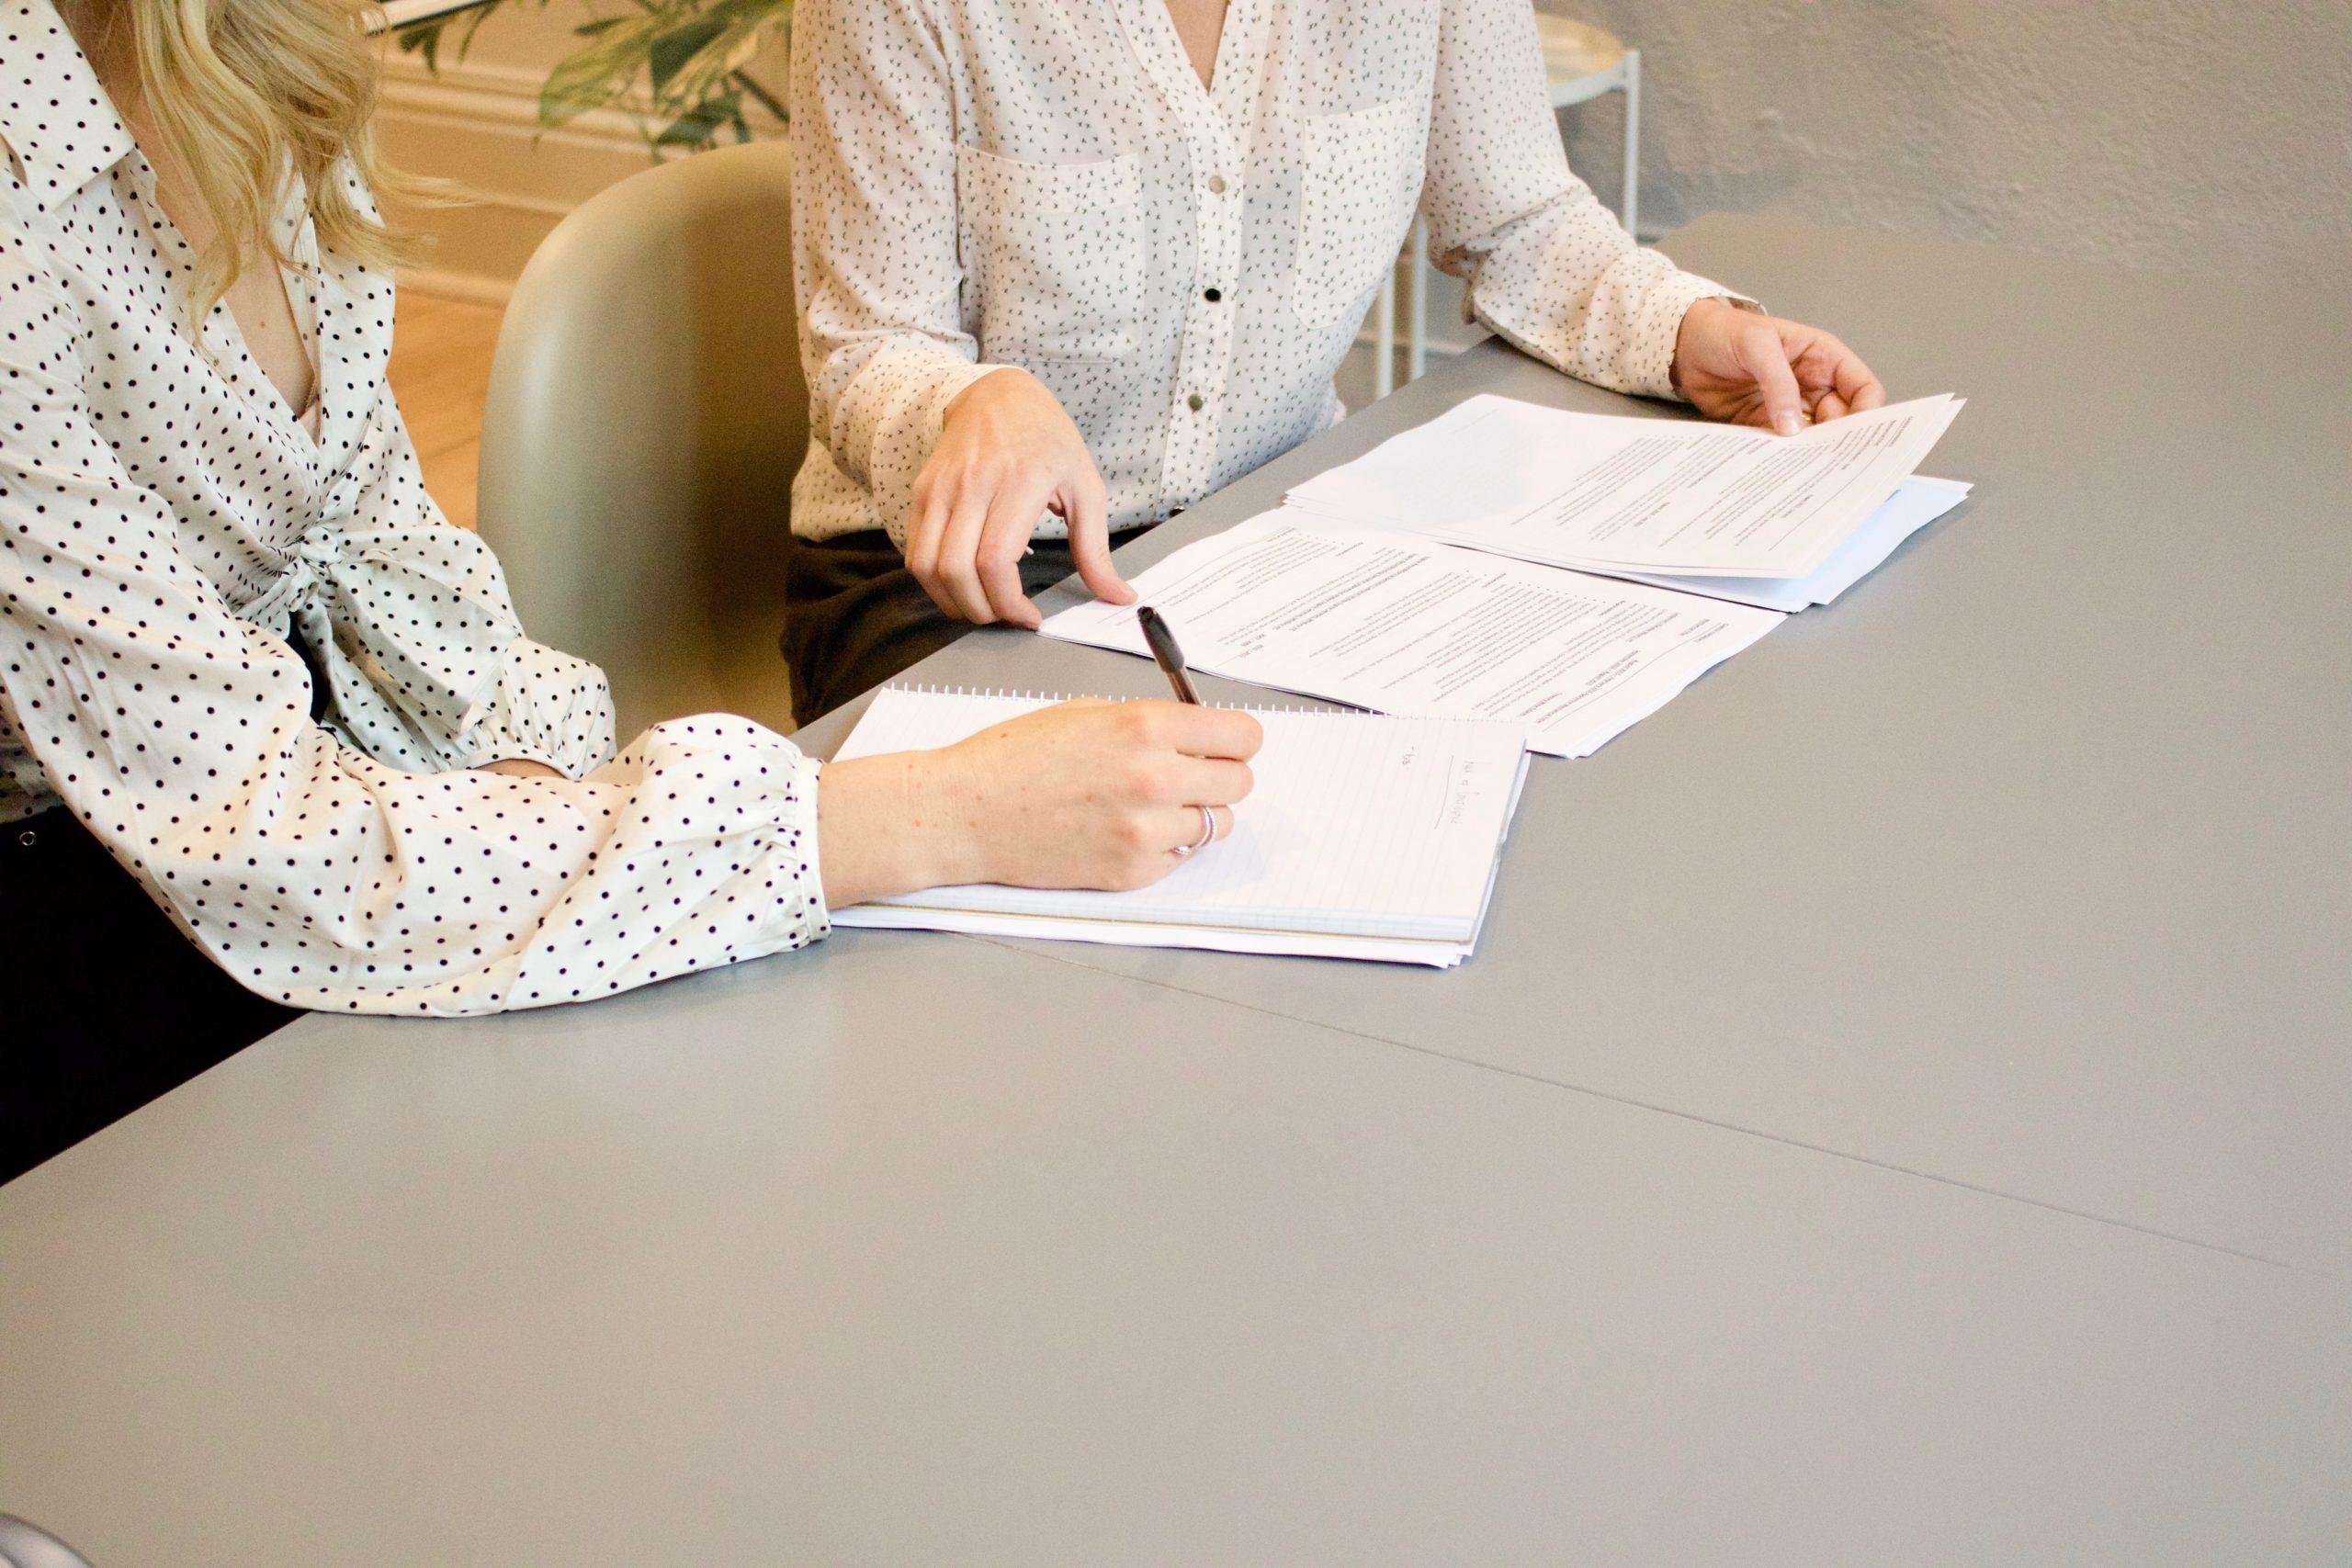 foto de abogados firmando un contrato